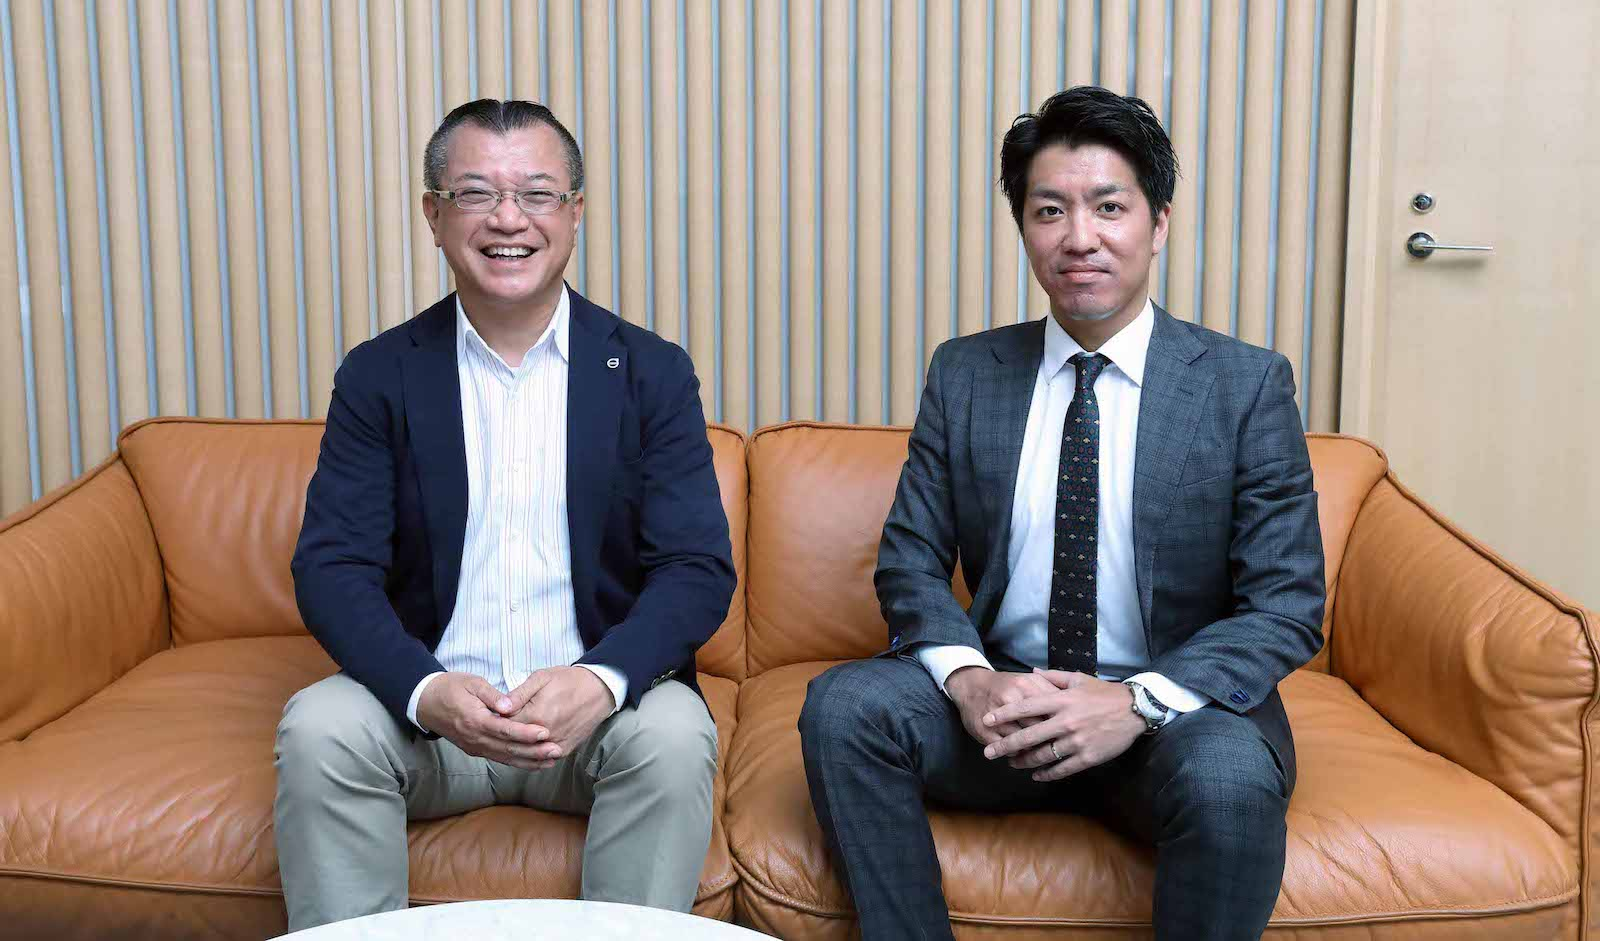 ソファーに座る、ボルボ・カー・ジャパン 関口 憲義氏(左)と電通デジタル 下川 幸亮氏(右)